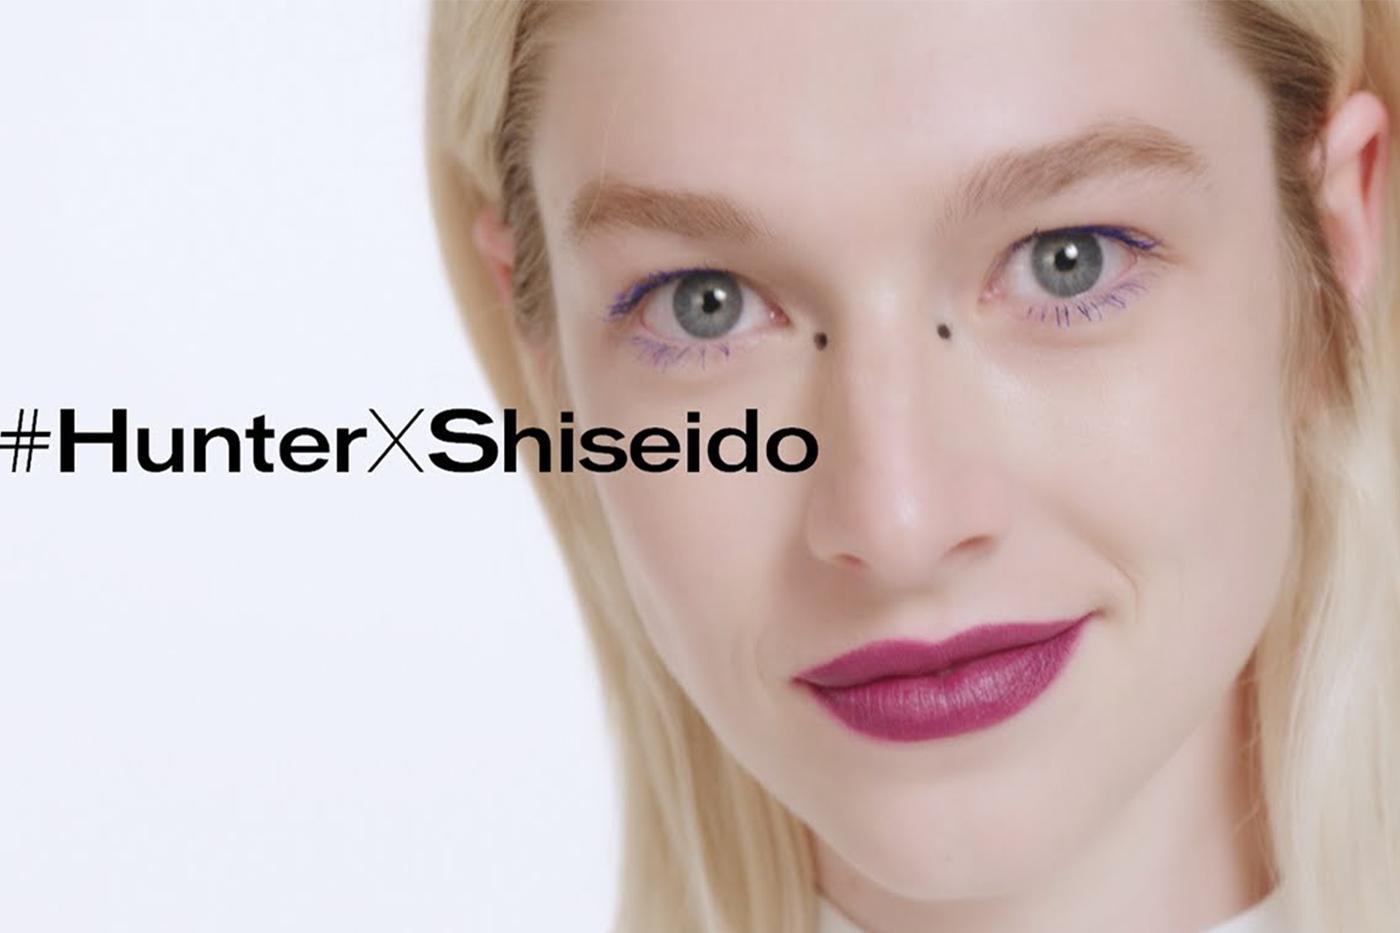 Hunter Schafer becomes global brand ambassador for Shiseido Makeup